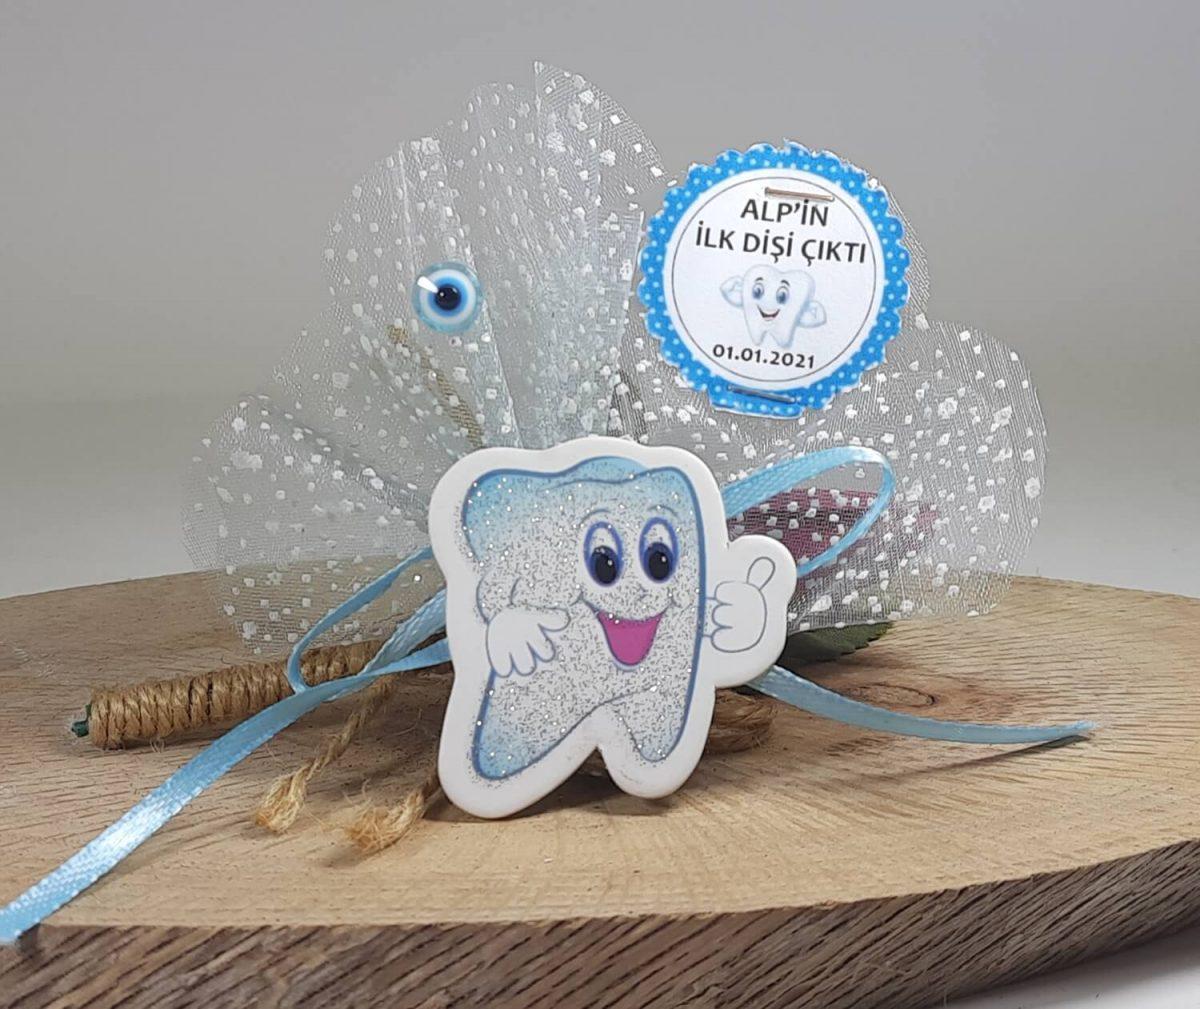 Erkek Diş Buğdayı Magneti Mavi Renkli